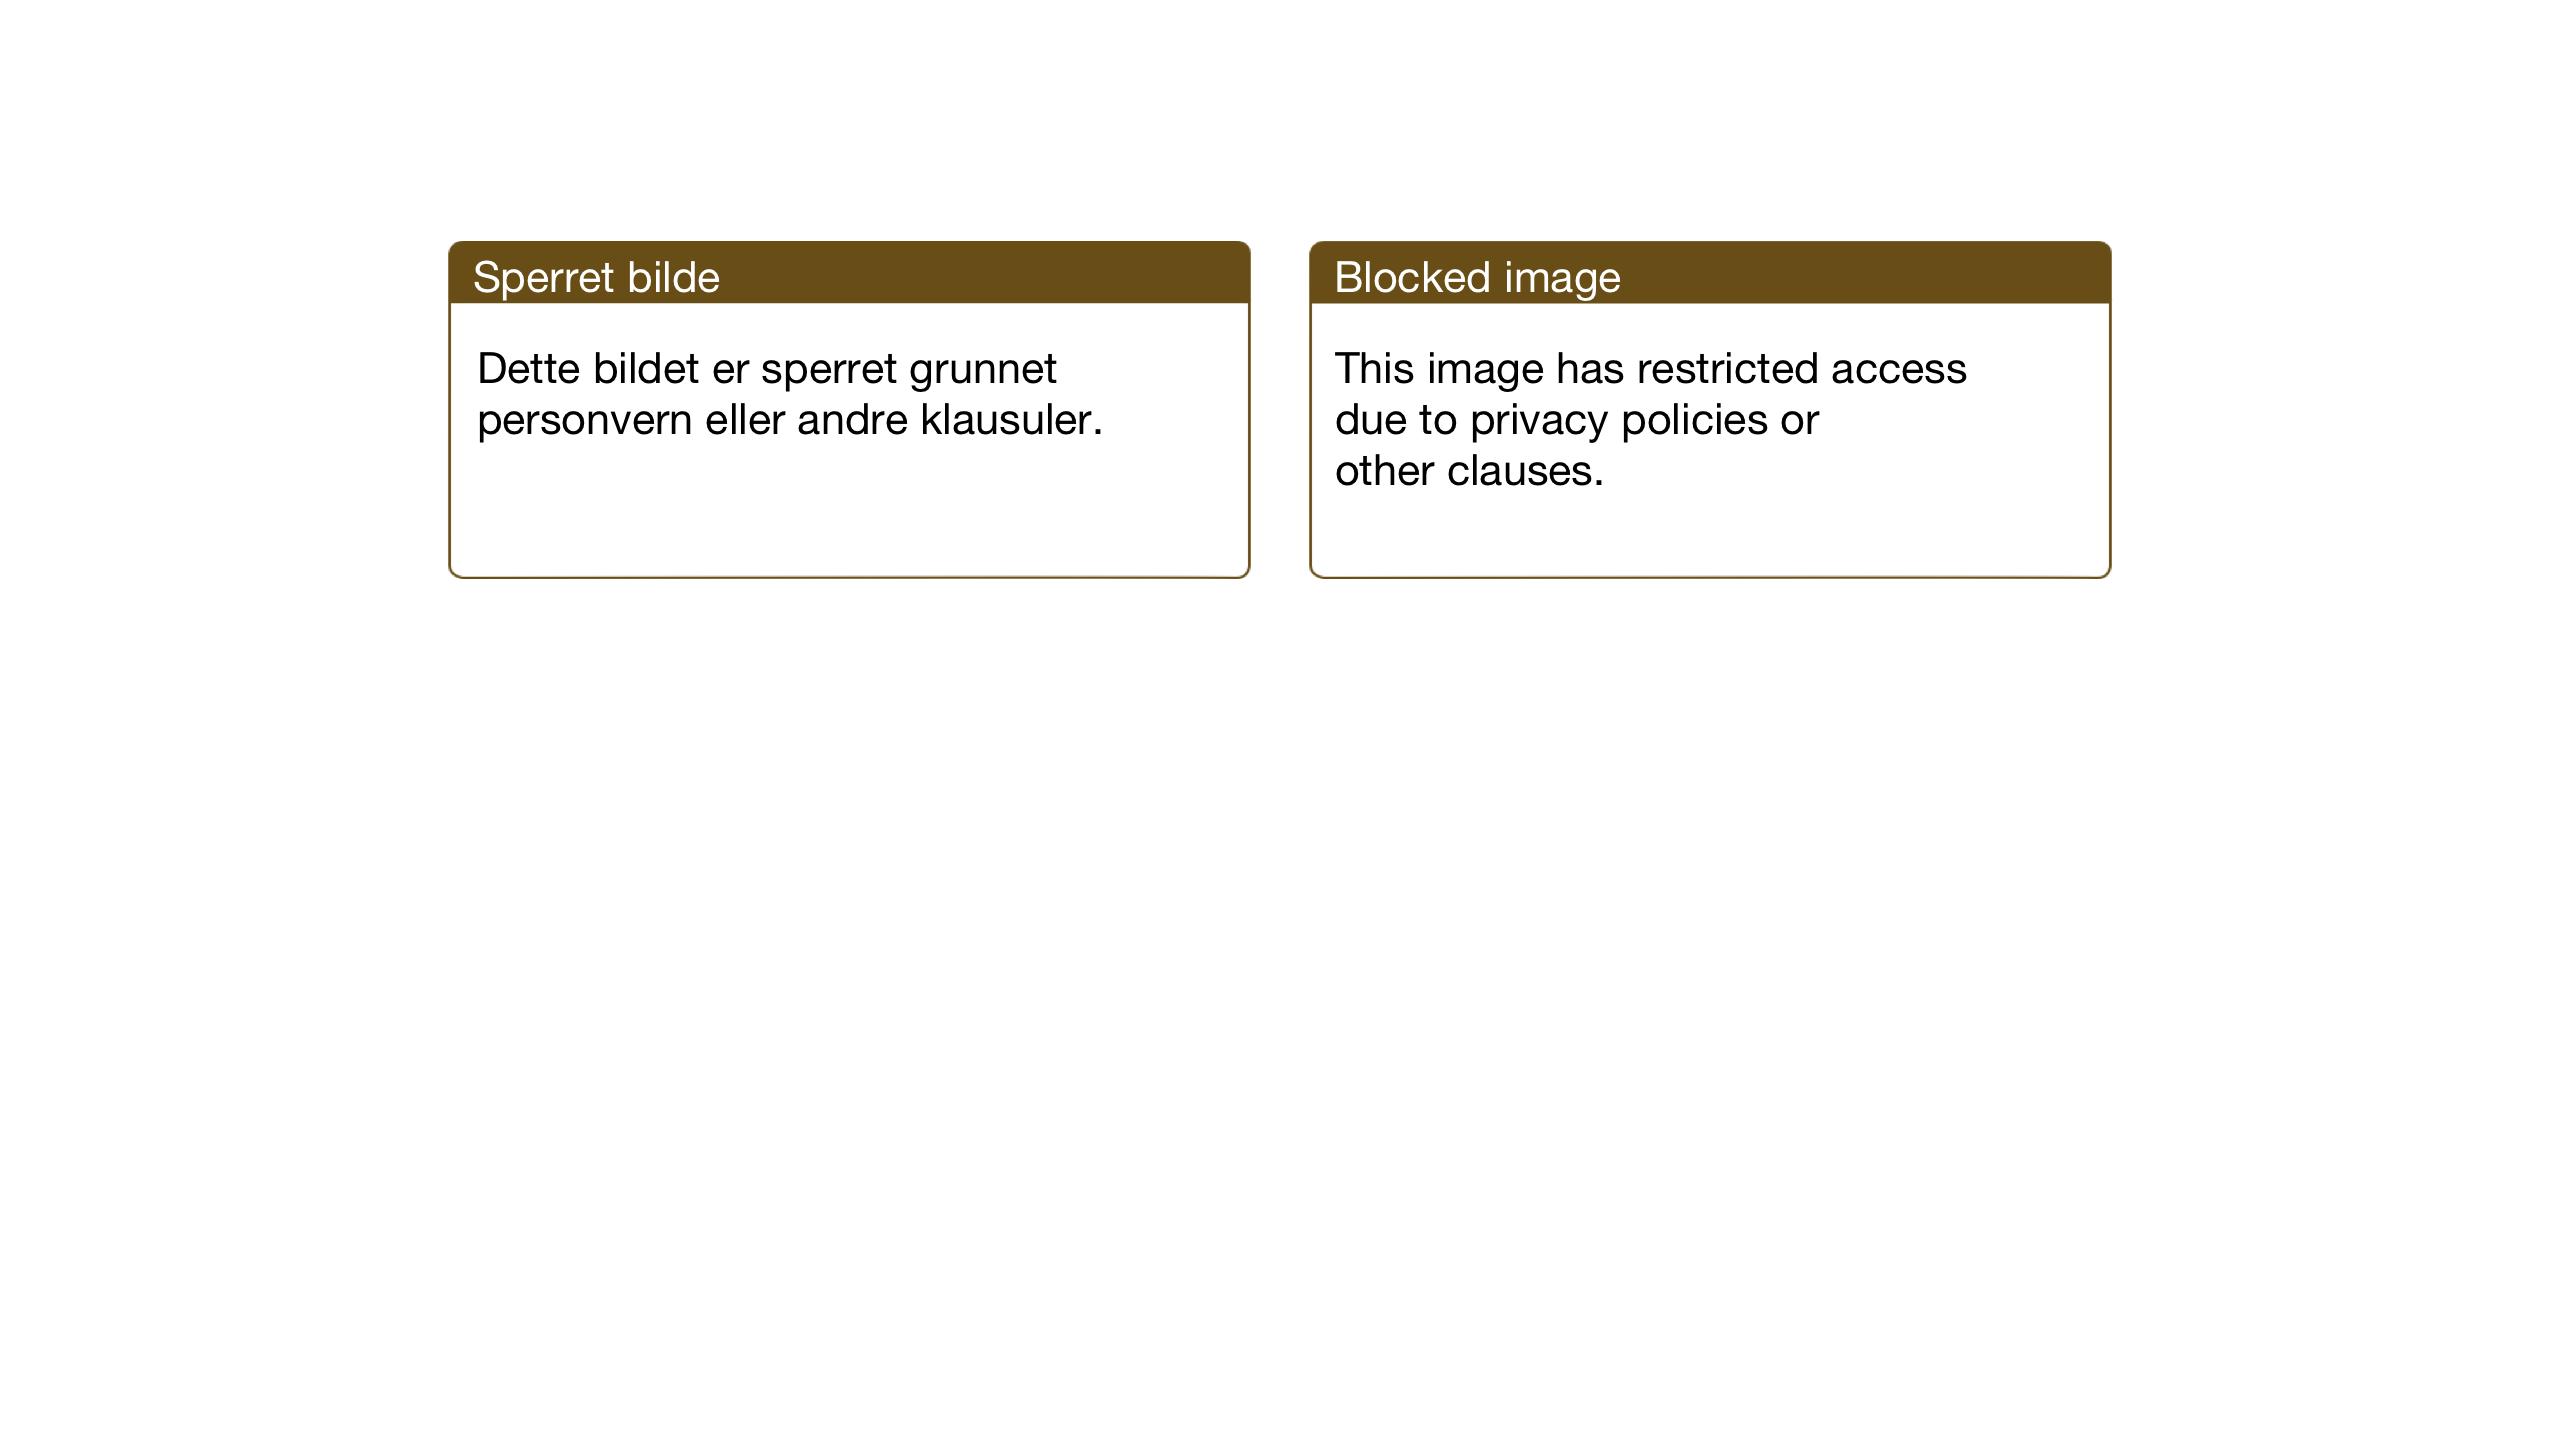 SAT, Ministerialprotokoller, klokkerbøker og fødselsregistre - Sør-Trøndelag, 667/L0799: Klokkerbok nr. 667C04, 1929-1950, s. 68